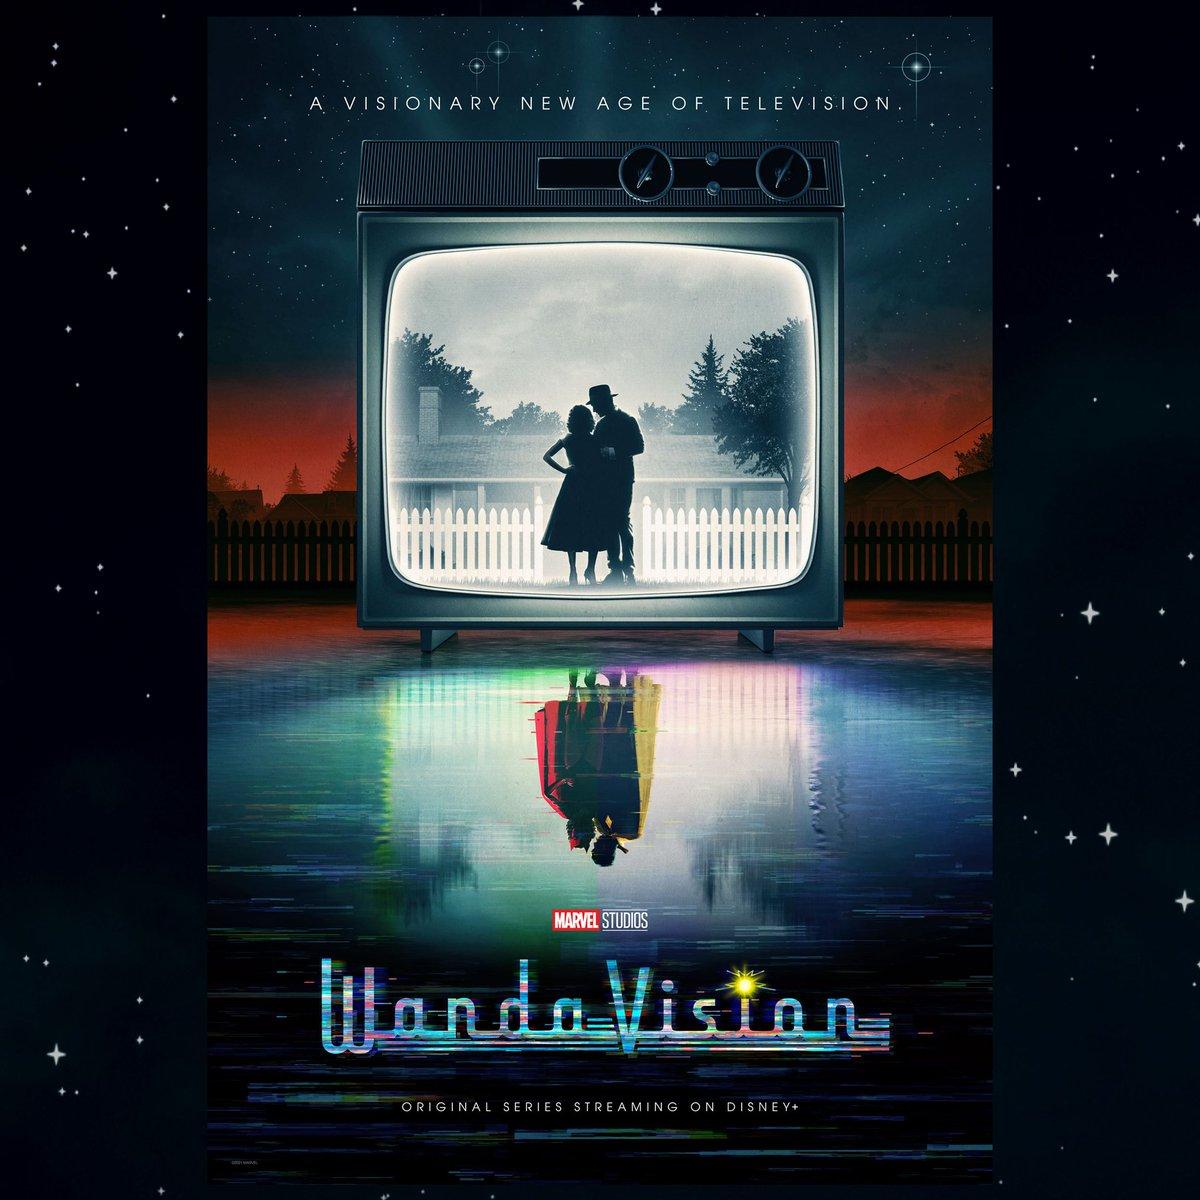 GELIYOR GELIYOR ZIHIN TASI BÖLÜMÜ GELIYOOORRR!!! #WandaVision #WandaMaximoff #Wanda